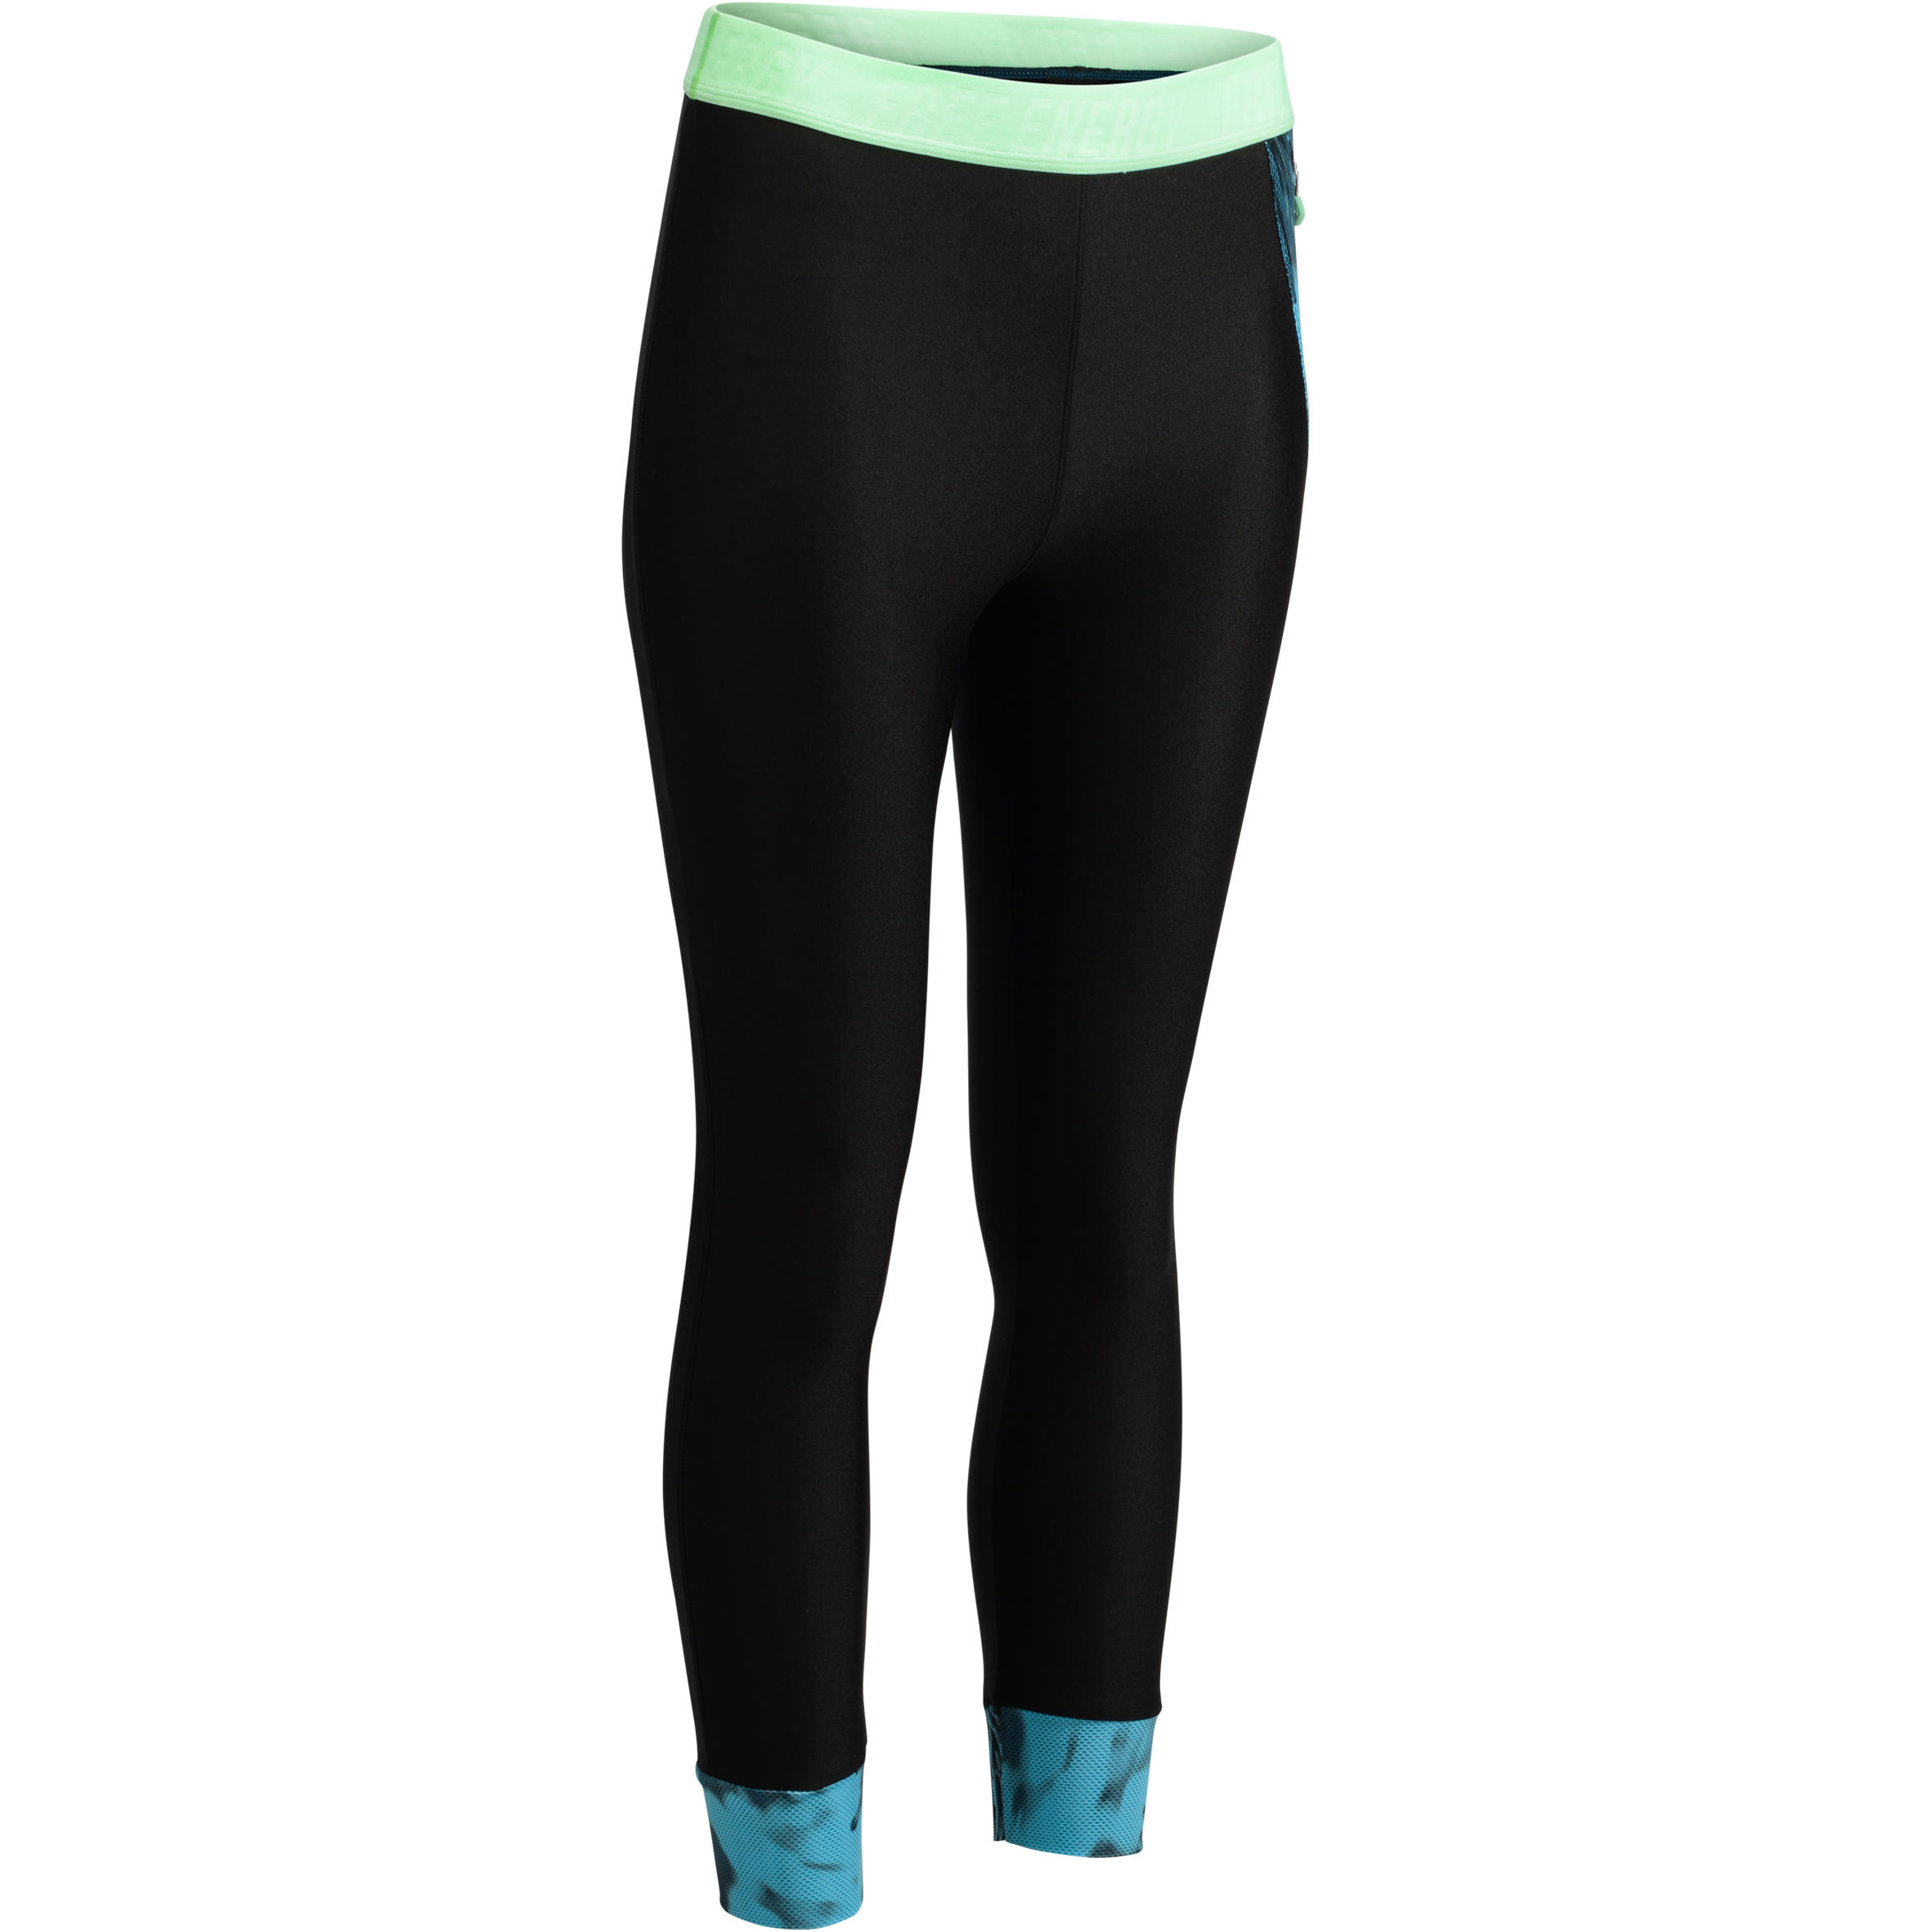 Leggings capri fitness-cardio mujer, negros con detalles tropicales, 500 Domyos